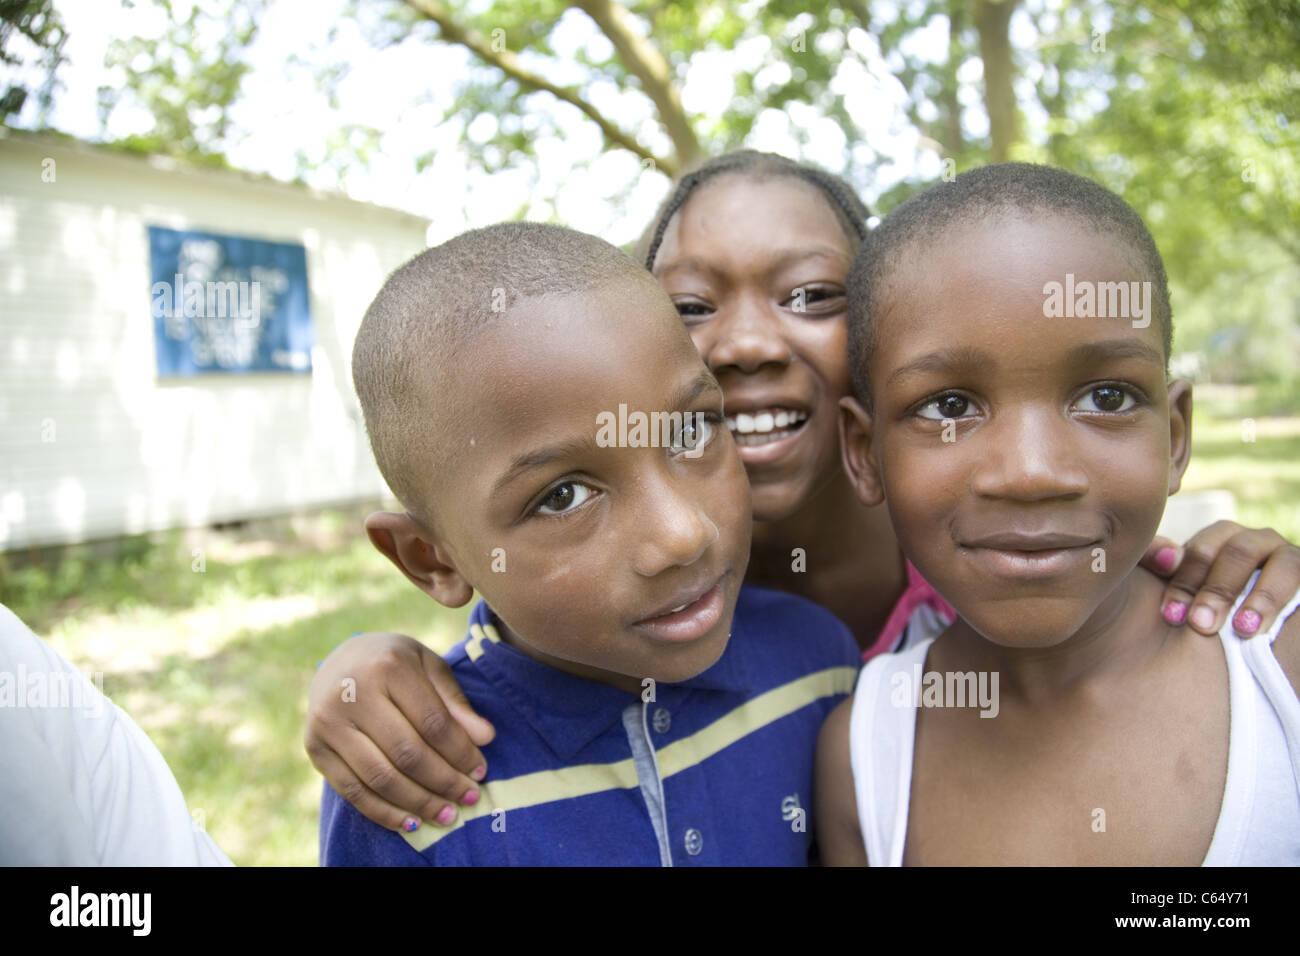 Retratos de niños africano-americanos en los pobres, arruinada Brightmoor barrio de Detroit, MI. Imagen De Stock